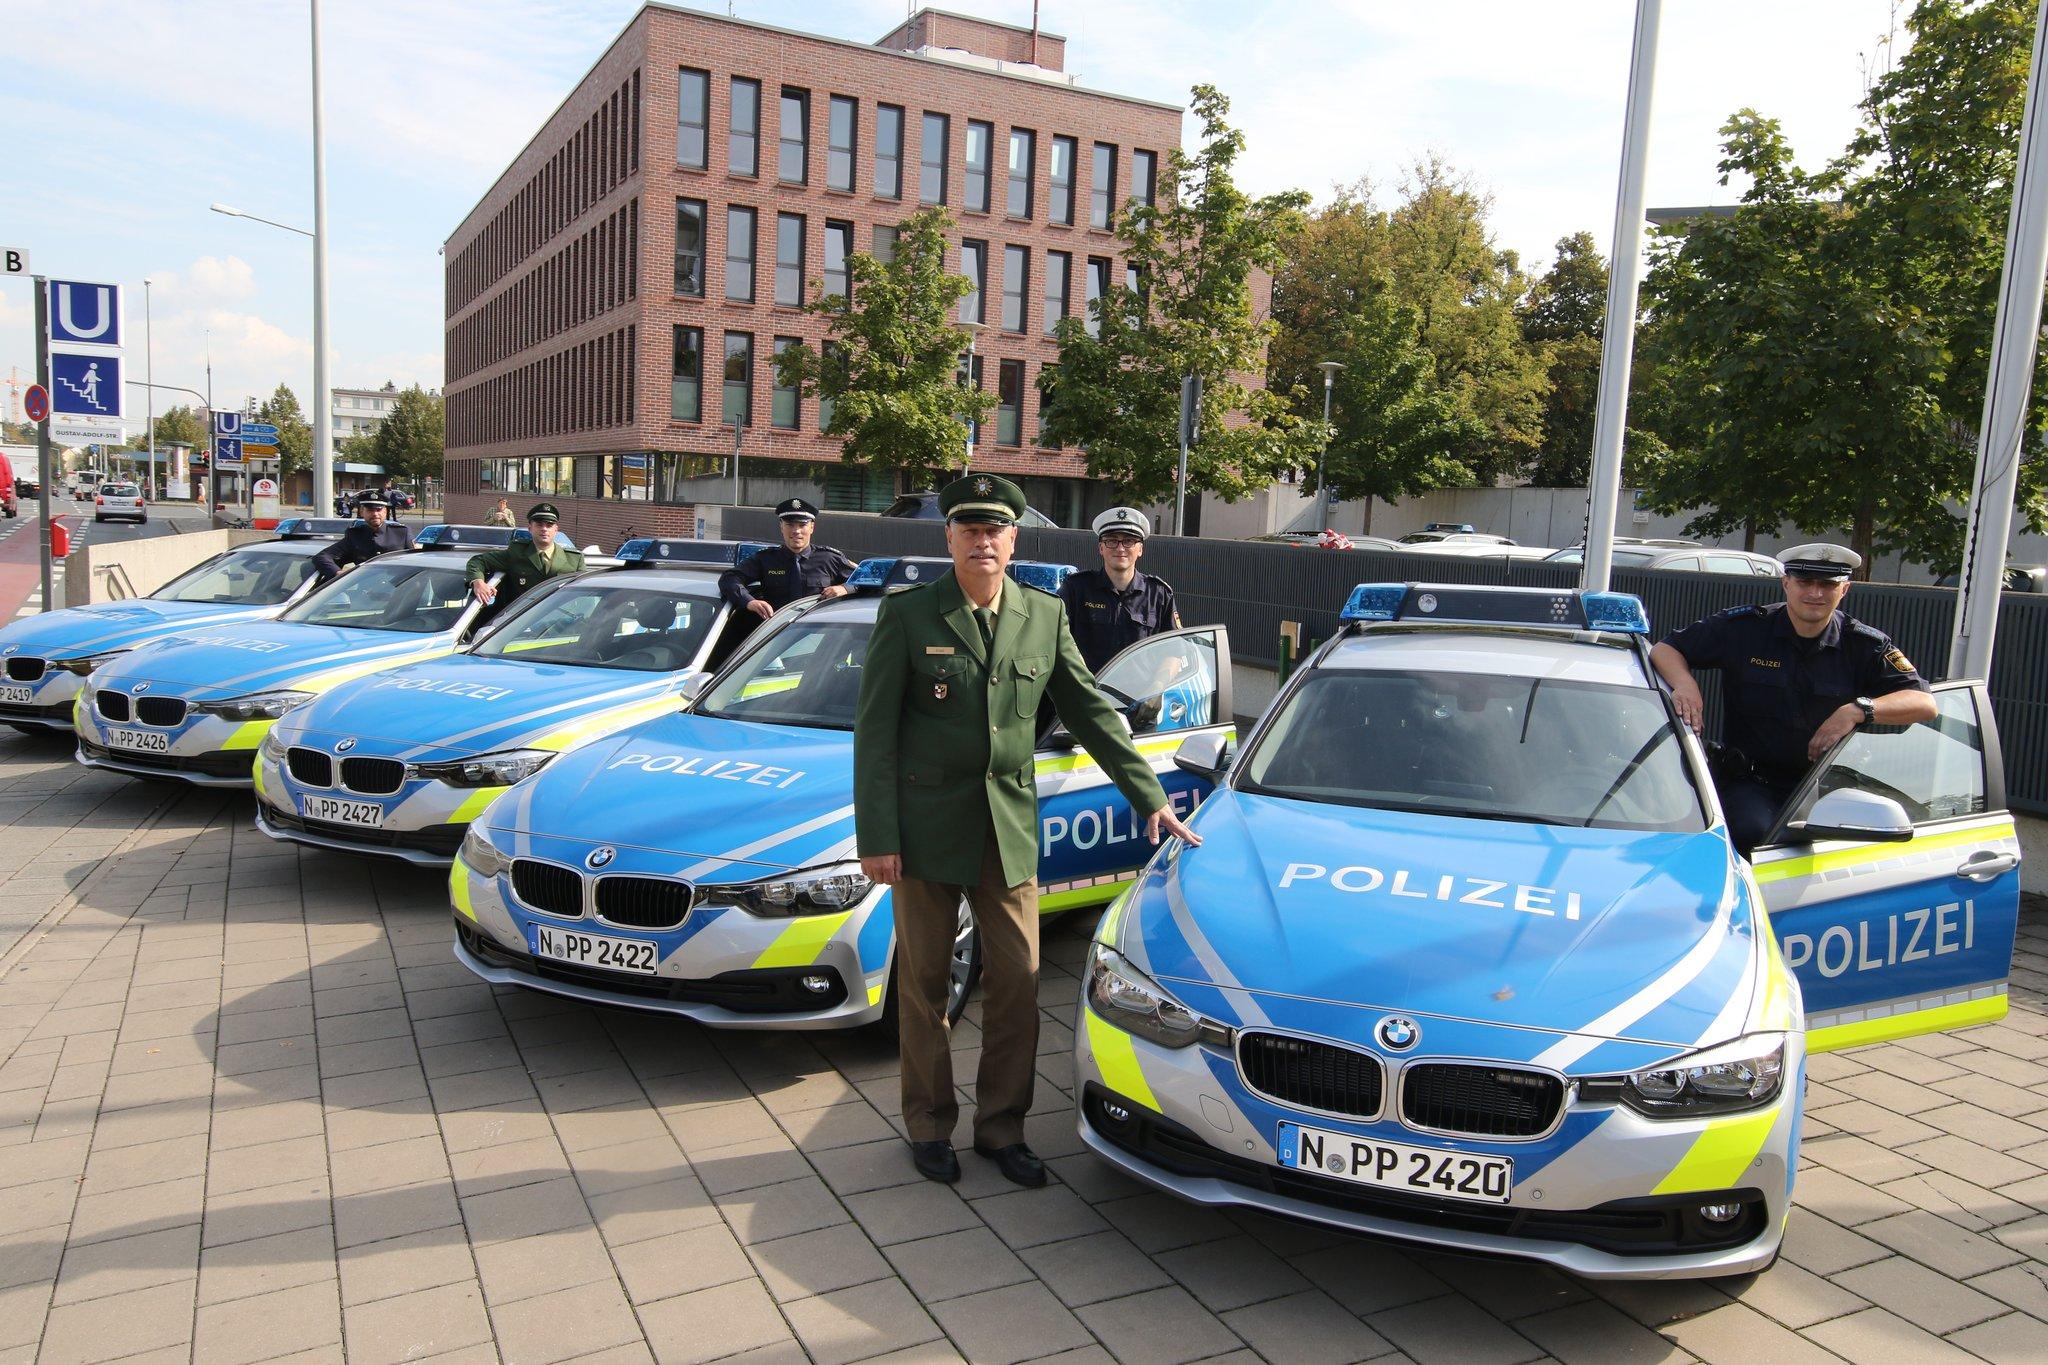 Polizei Nuernberg